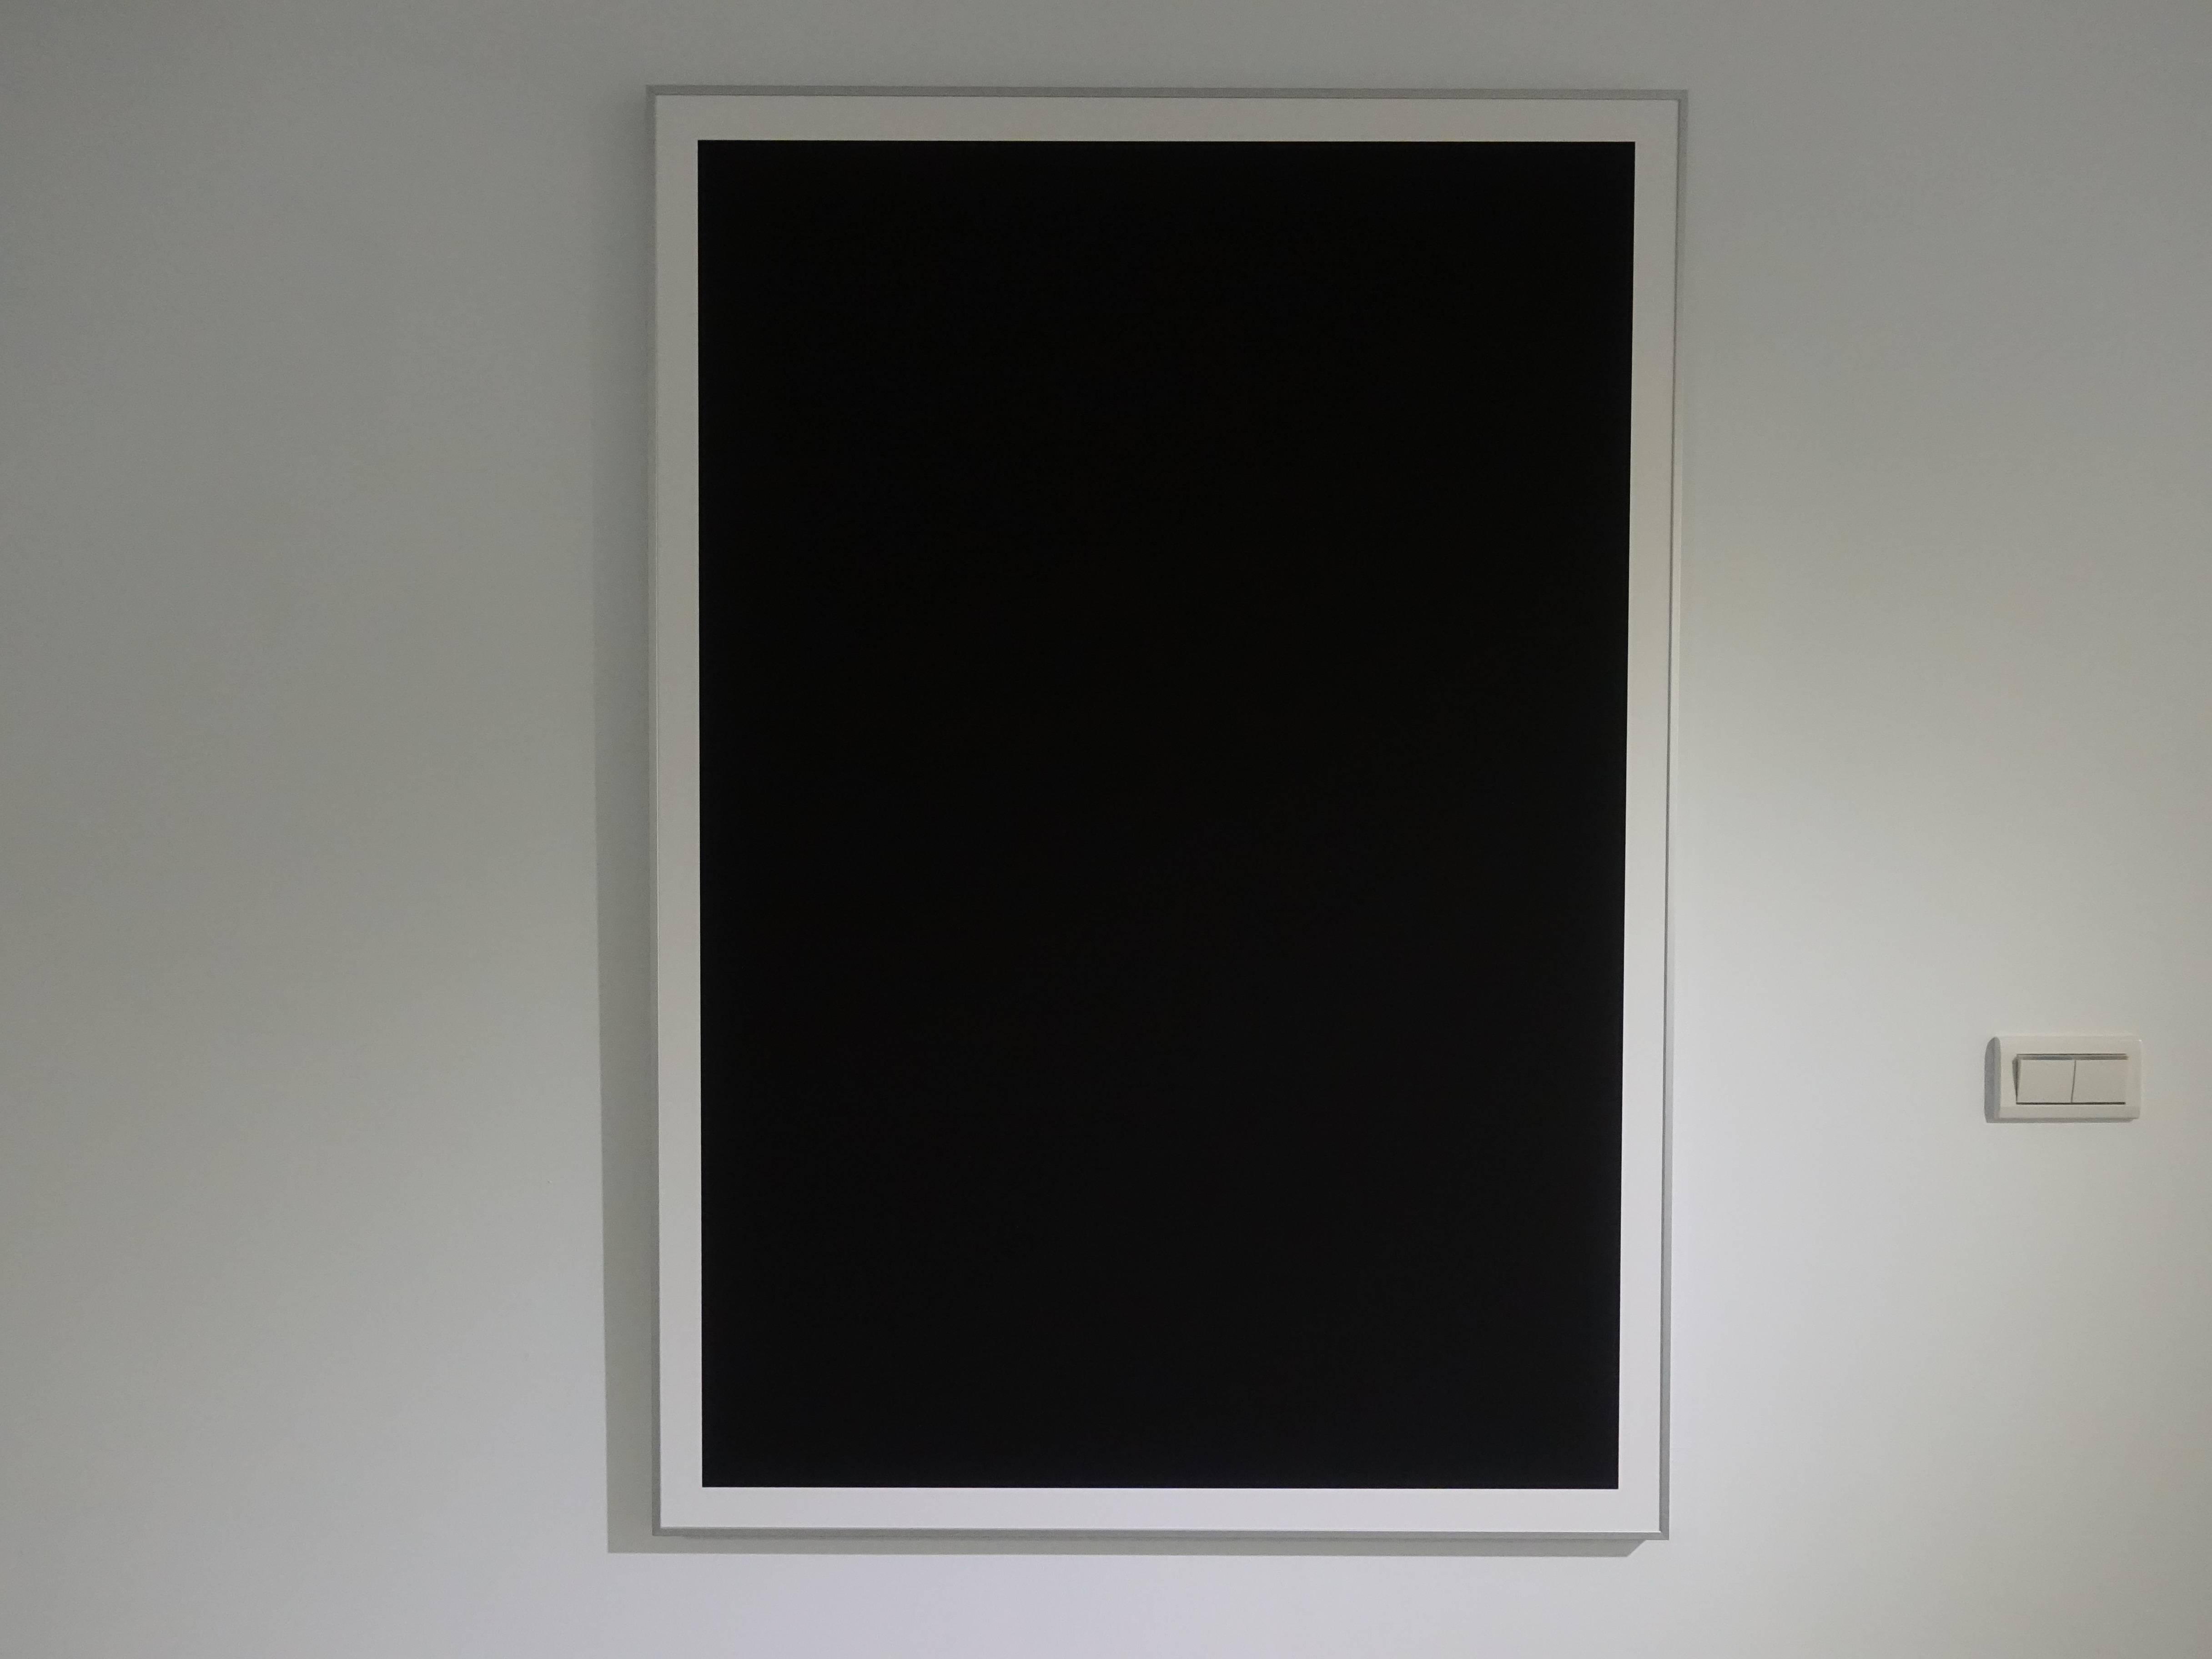 鄧兆旻,《這麼多年過去了》,84.1x118.9cm,手繪與噴墨於紙,2017。